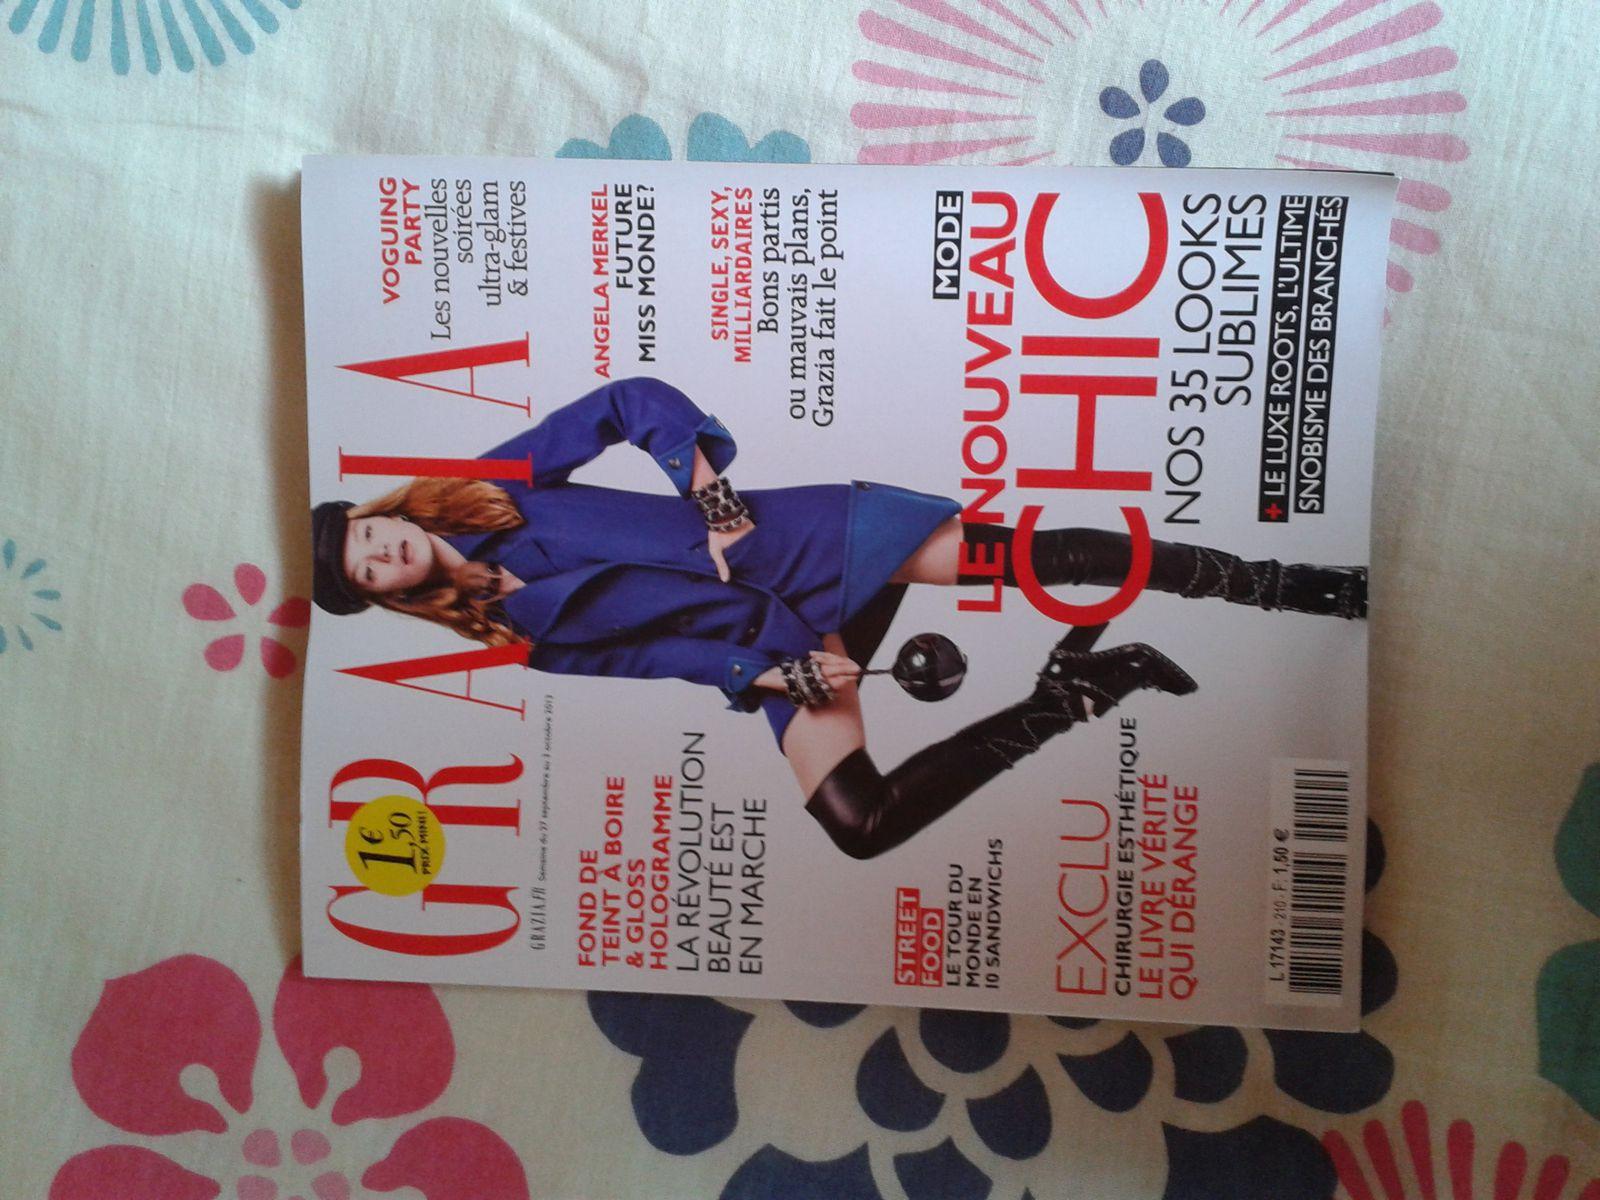 Le magazine Grazia...